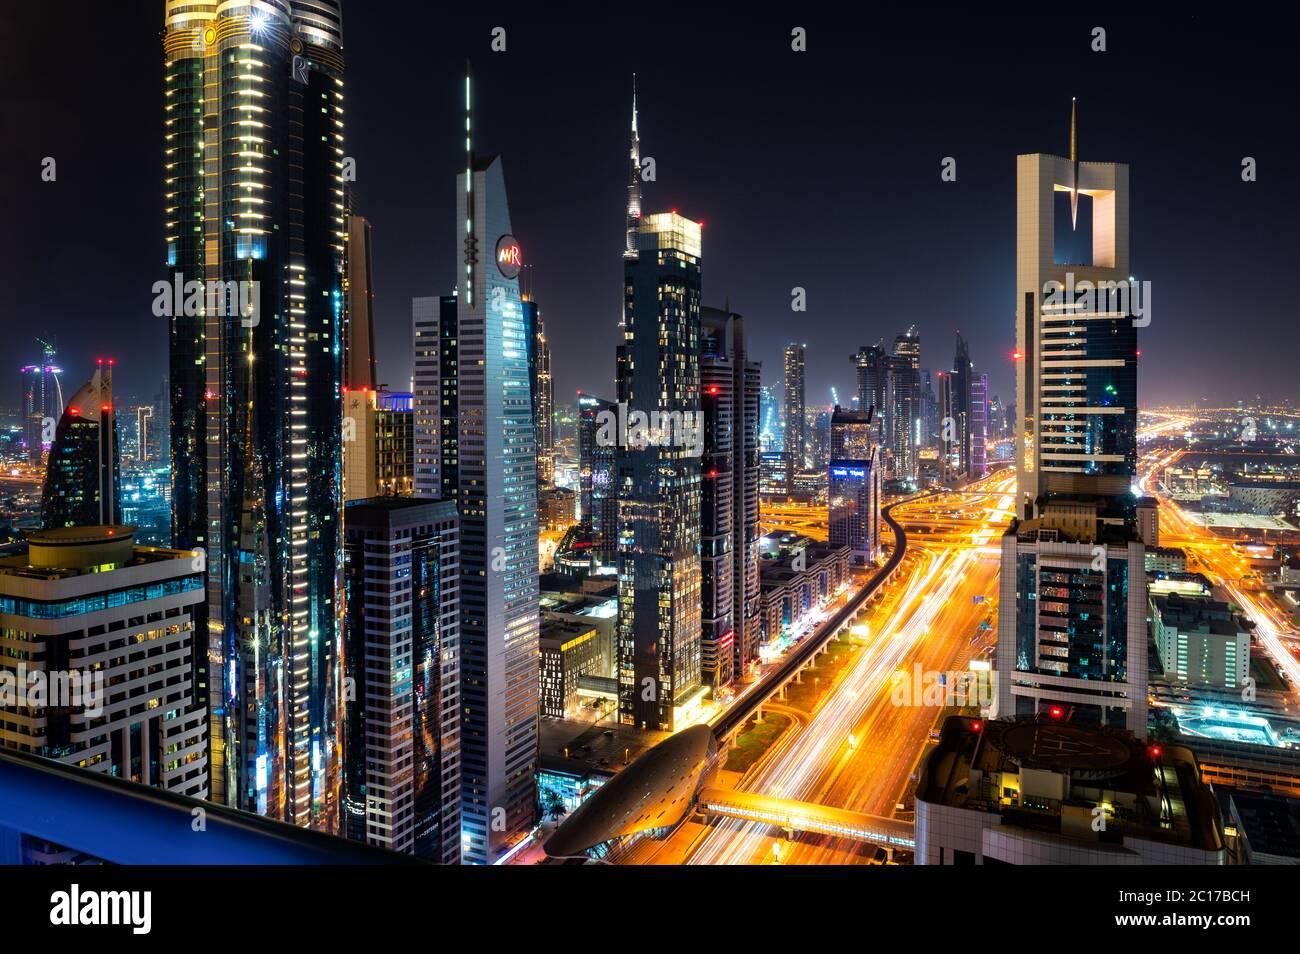 La ville de Dubaï aux Émirats arabes Unis Banque D'Images